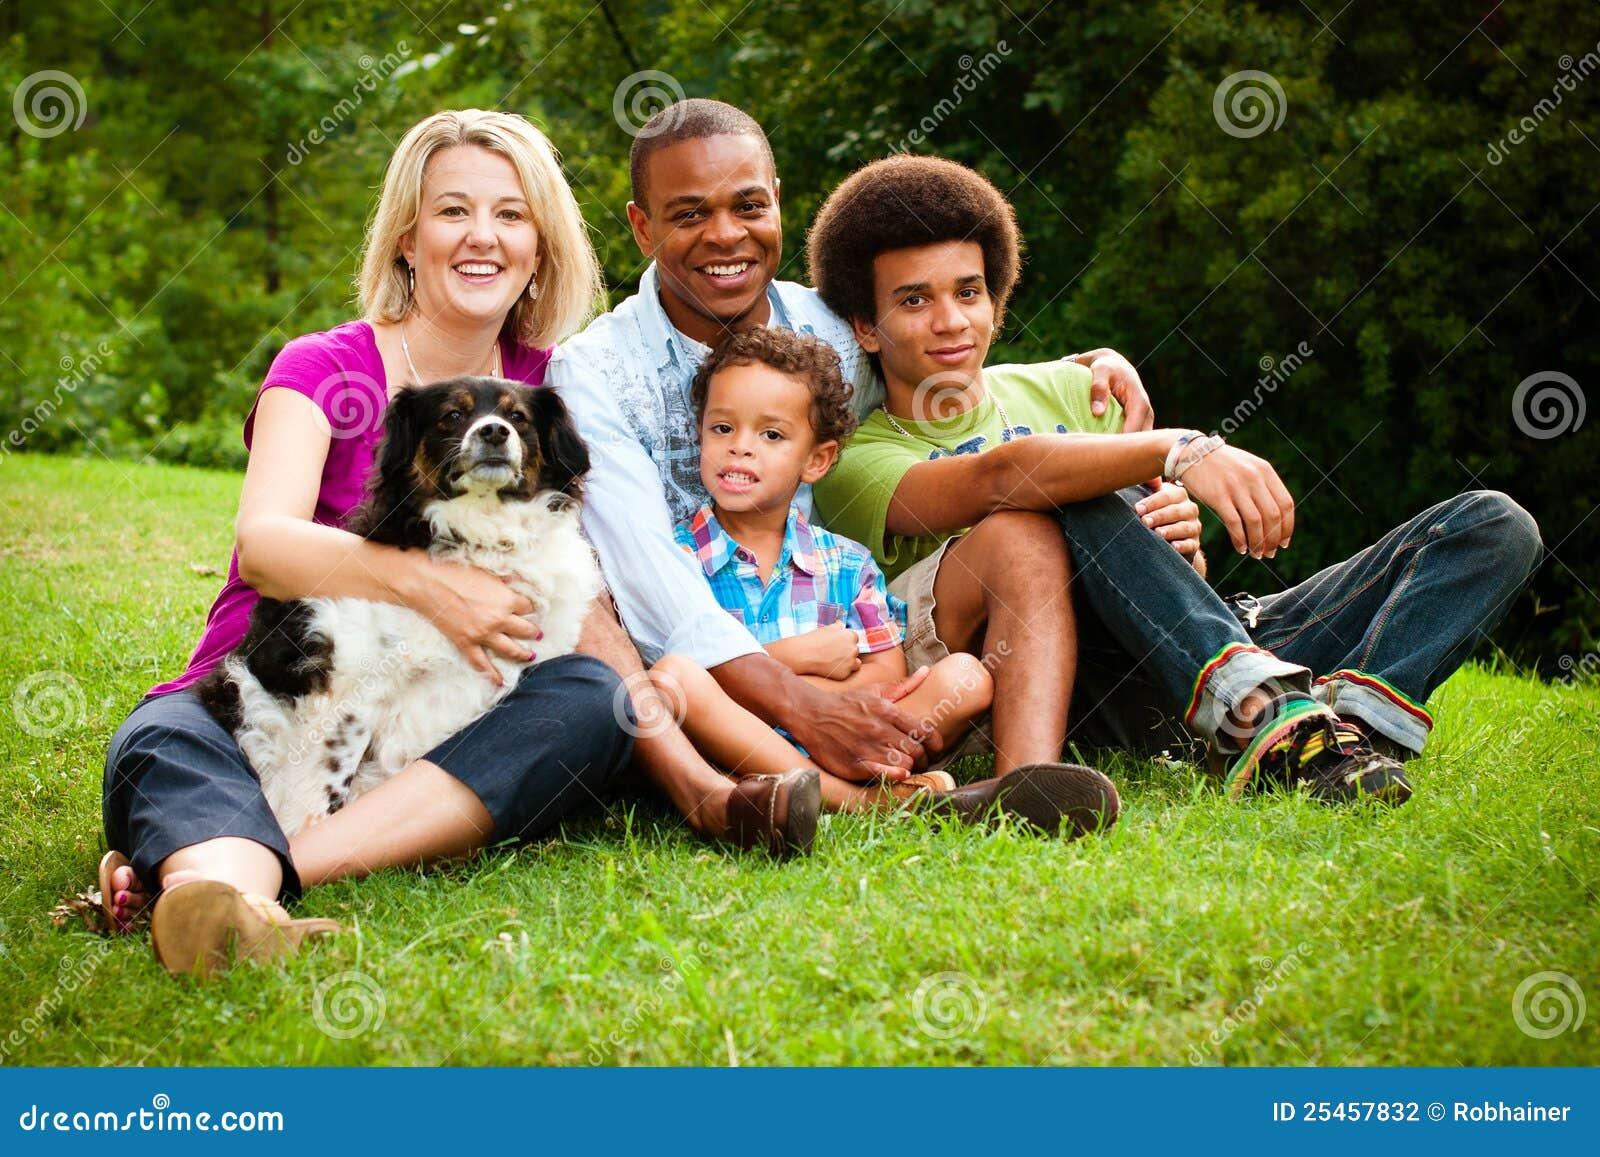 Portret van gemengde rasfamilie